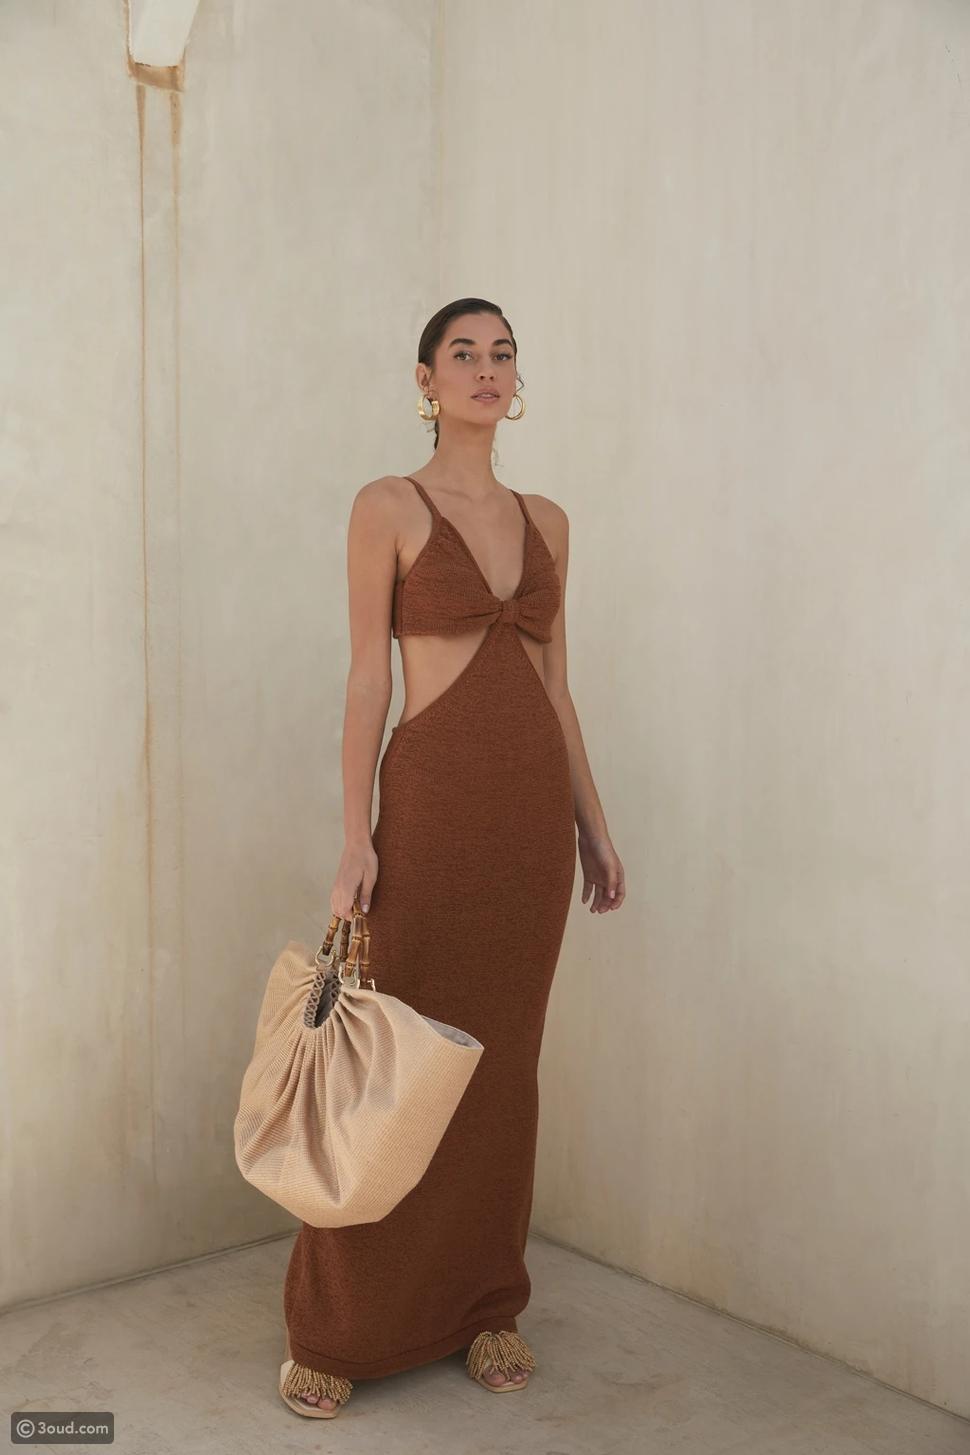 وأخيراً تم كشف النقاب عن فستان الصيف غير الرسمي Serita